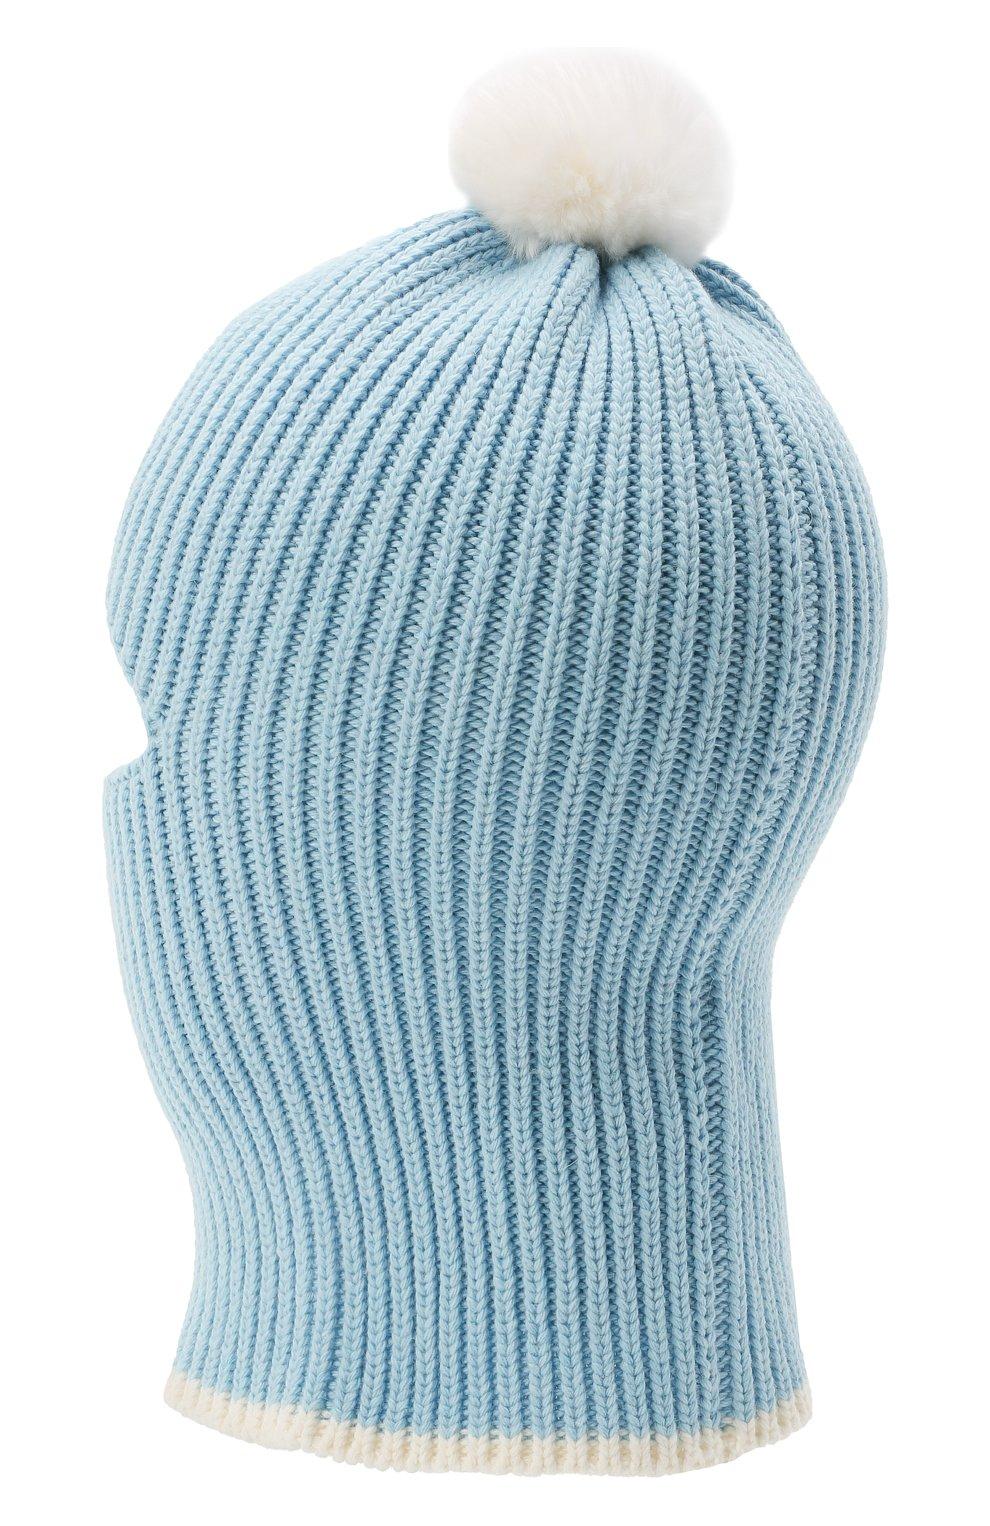 Детского хлопковая шапка-балаклава CHOBI голубого цвета, арт. WH-3012   Фото 2 (Материал: Текстиль, Синтетический материал, Хлопок)